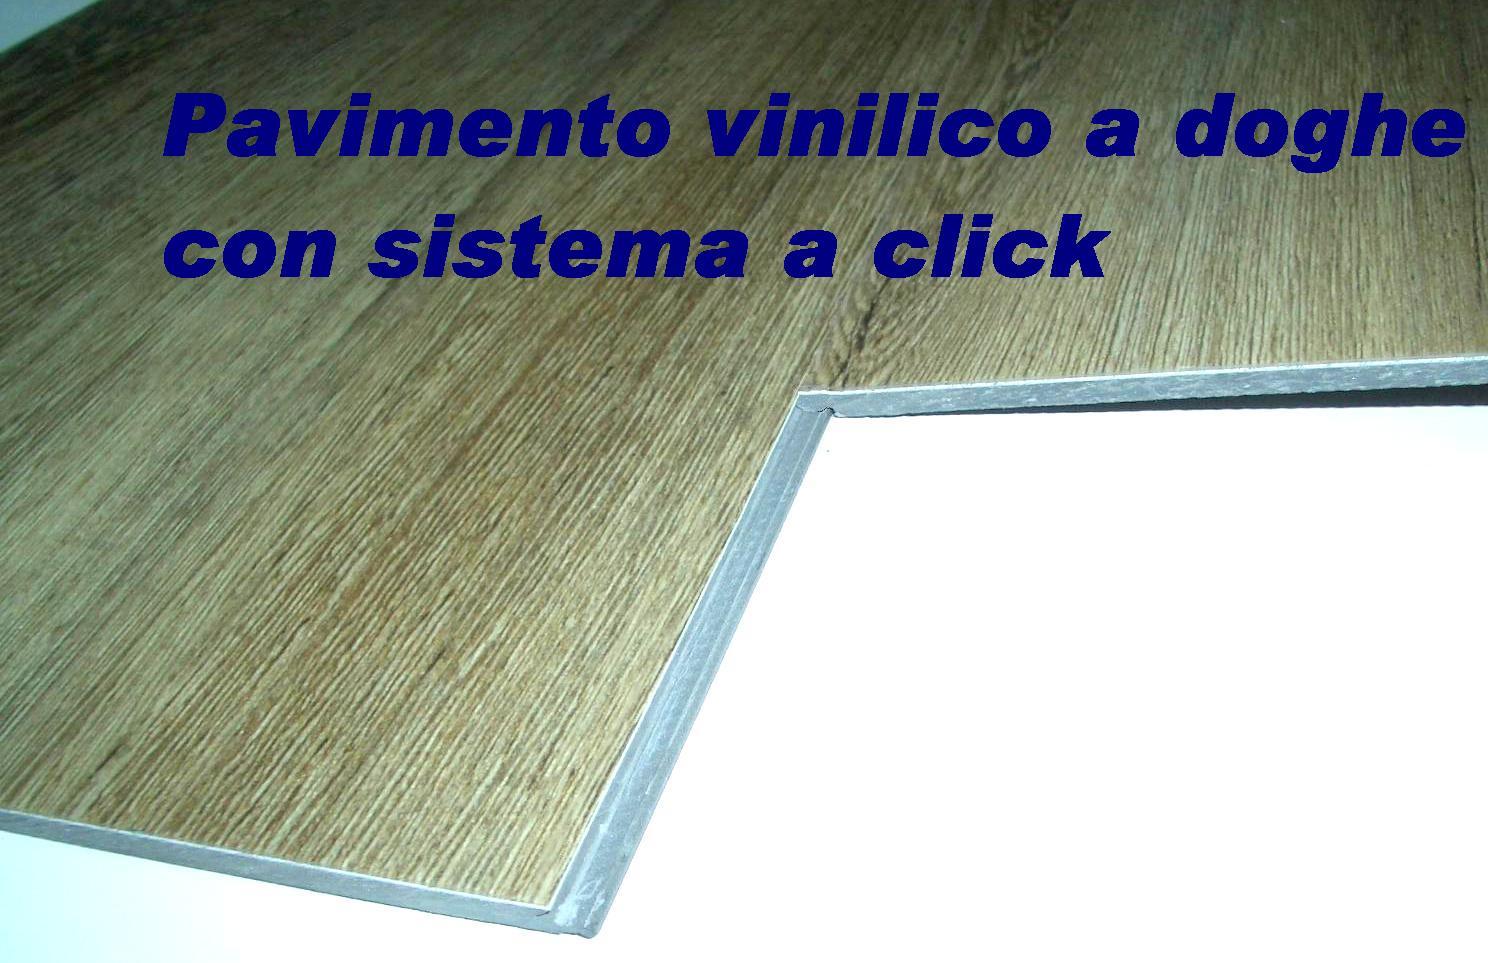 Pavimenti In Pvc Ad Incastro pavimento vinilico a doghe con incastro a click